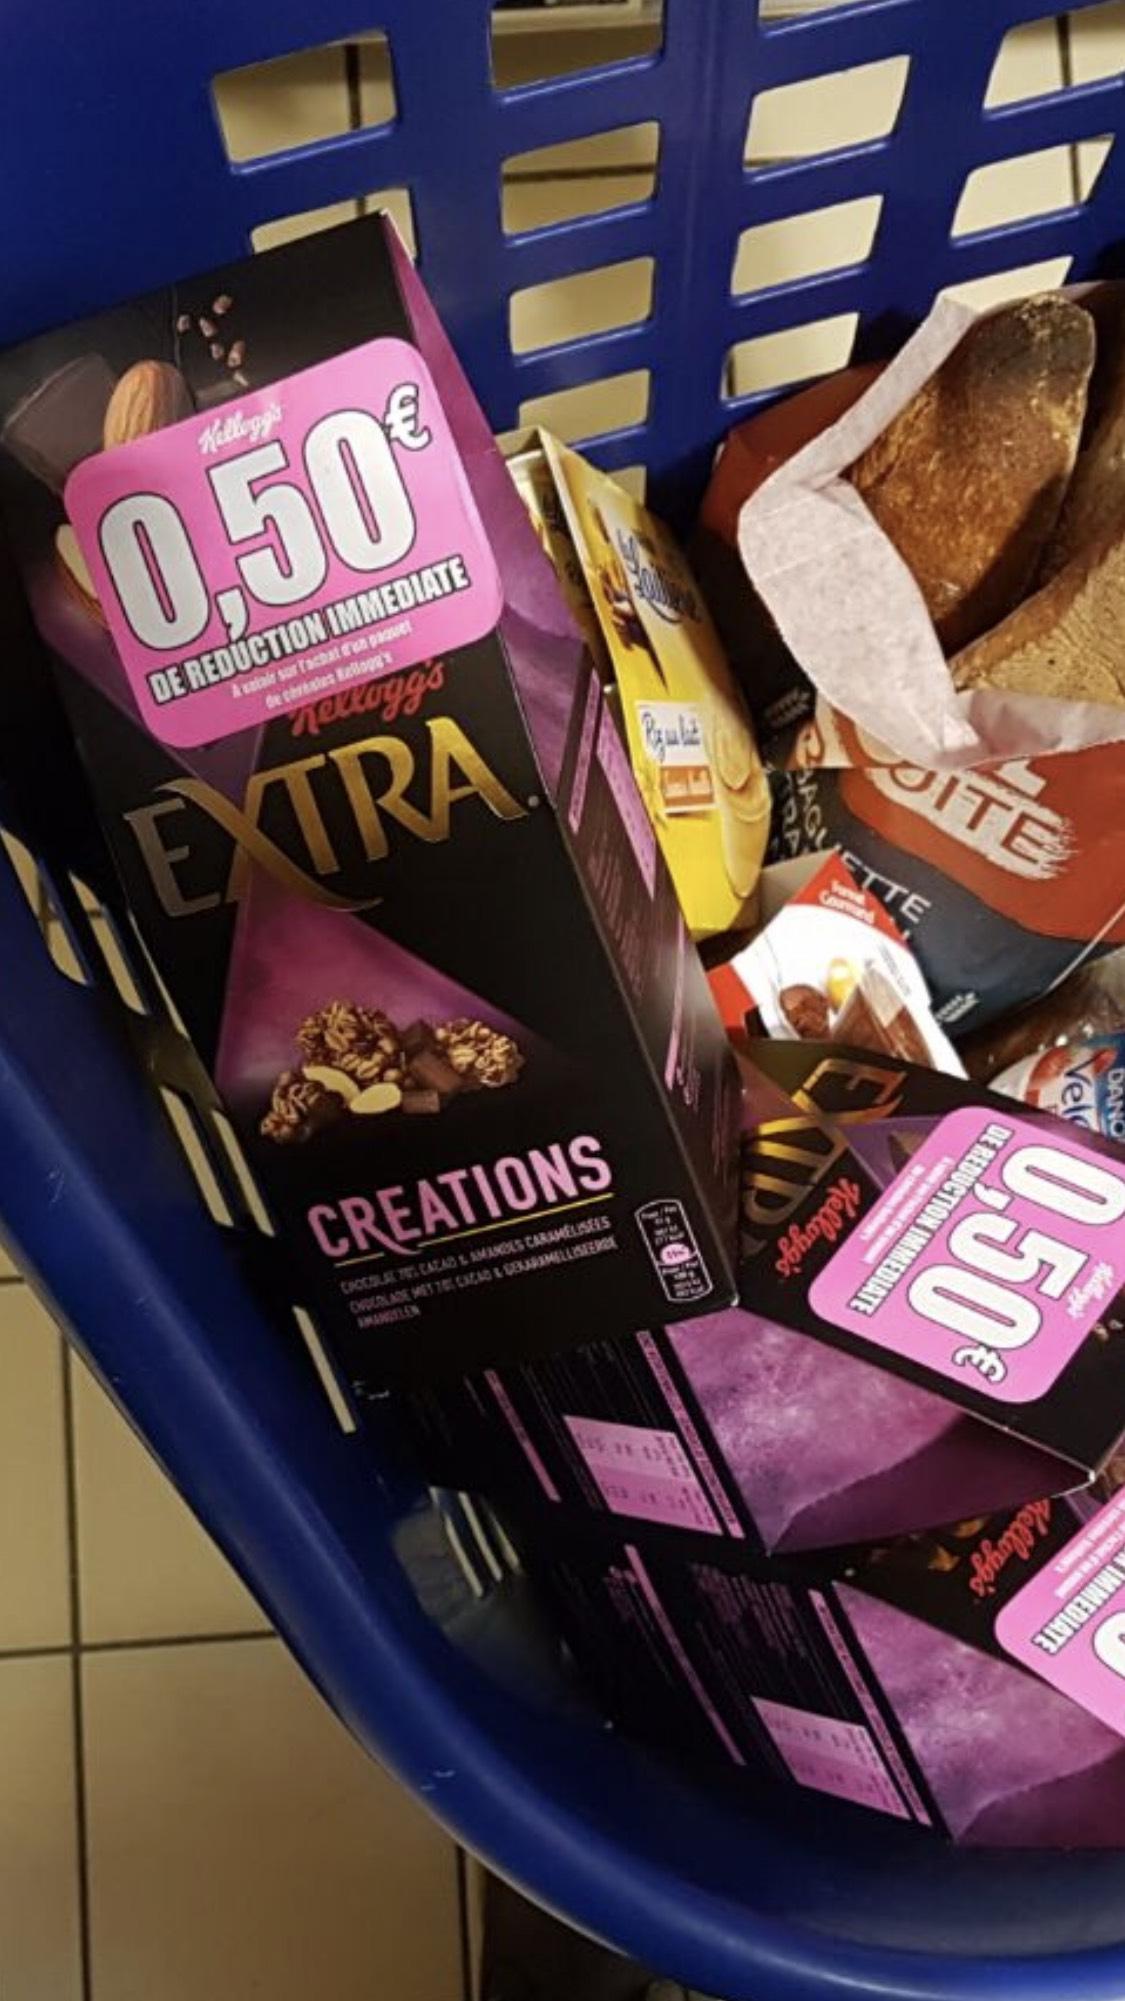 Paquet de Céréales Kellogg's Extra Cérations (Via BDR de 0.50€) - Gonesse (95)